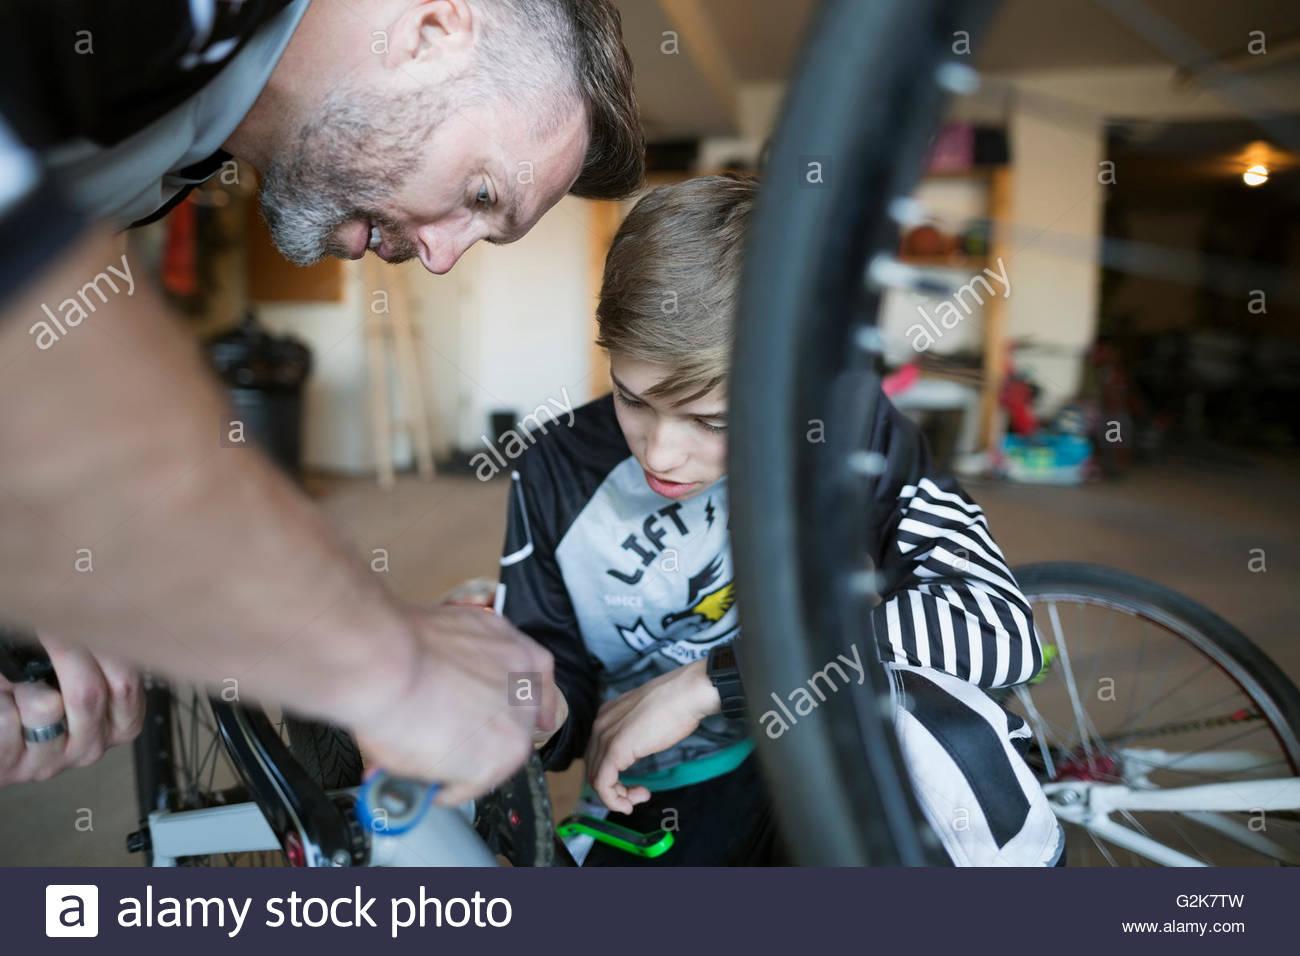 Vater und Sohn Fahrrad Reparatur Stockbild